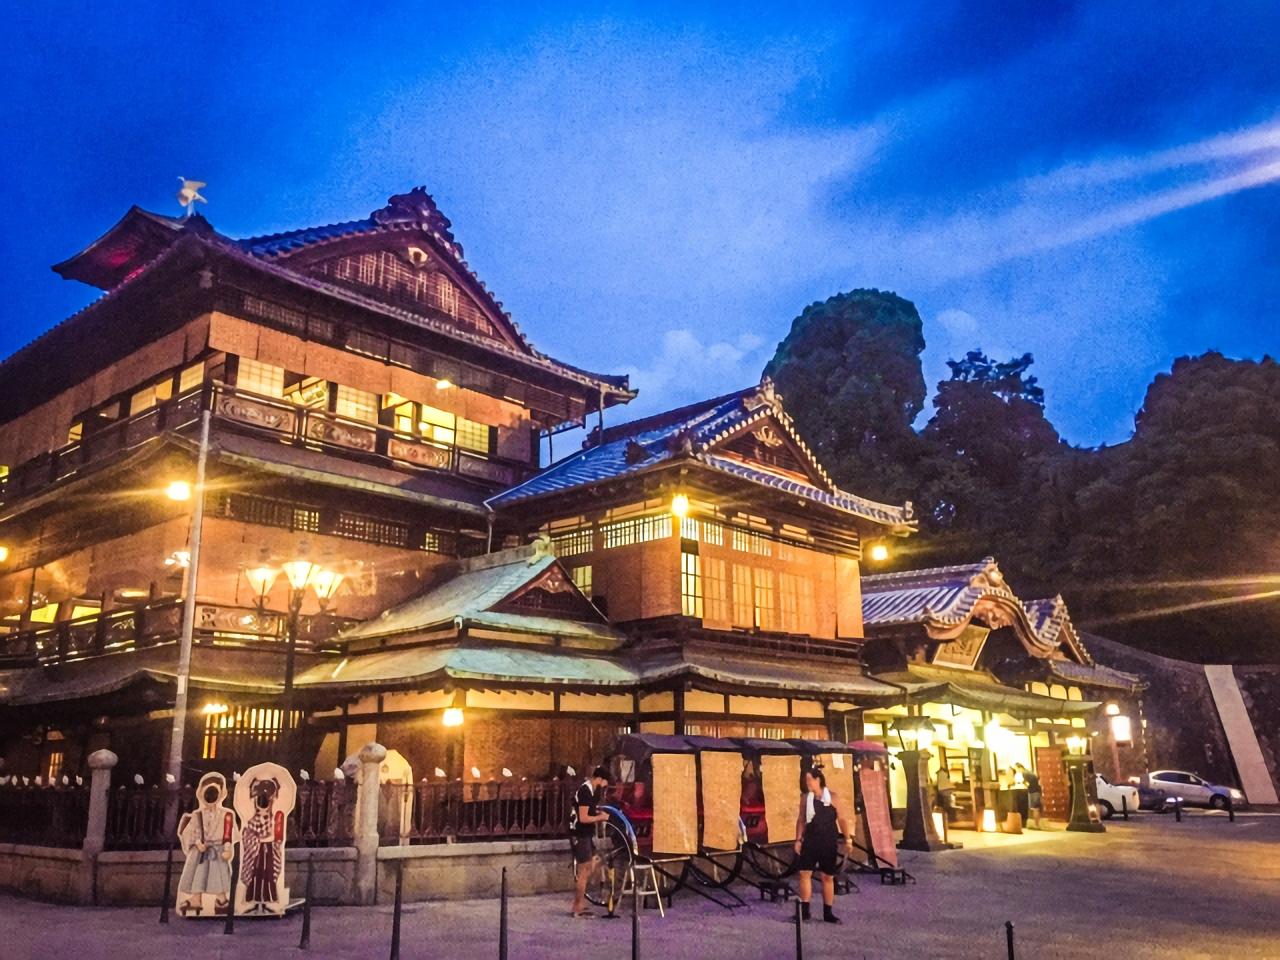 三大温泉といえば?日頃の疲れが癒せる評価の高い日本の名湯をご紹介!